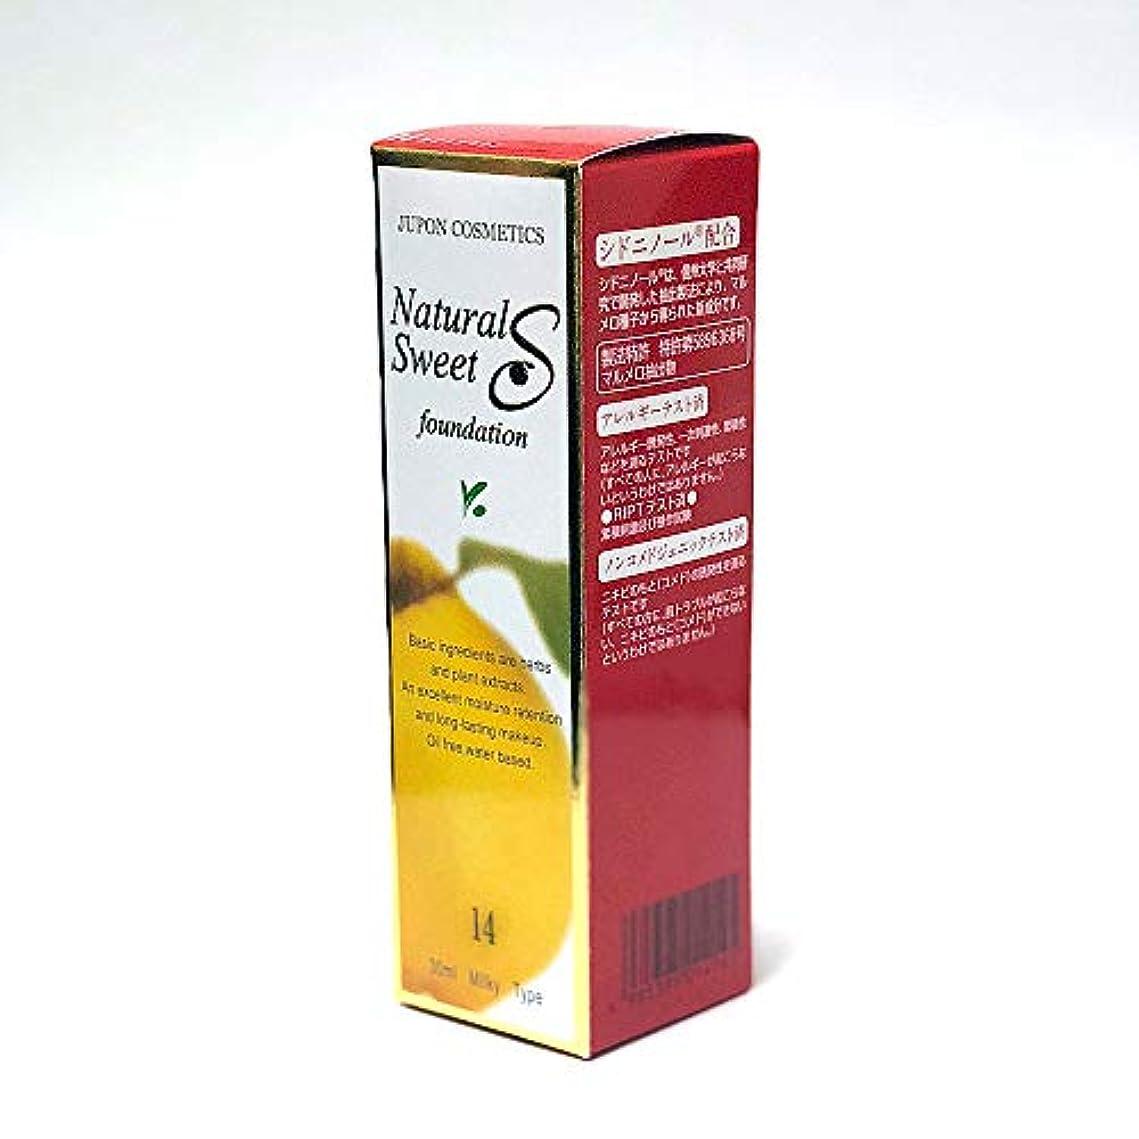 スナック変化する統合する皮膚が呼吸する 美容液ベースの水溶性ファンデ?ナチュラルスィート ファンデーションS 14(ライトブラウン)